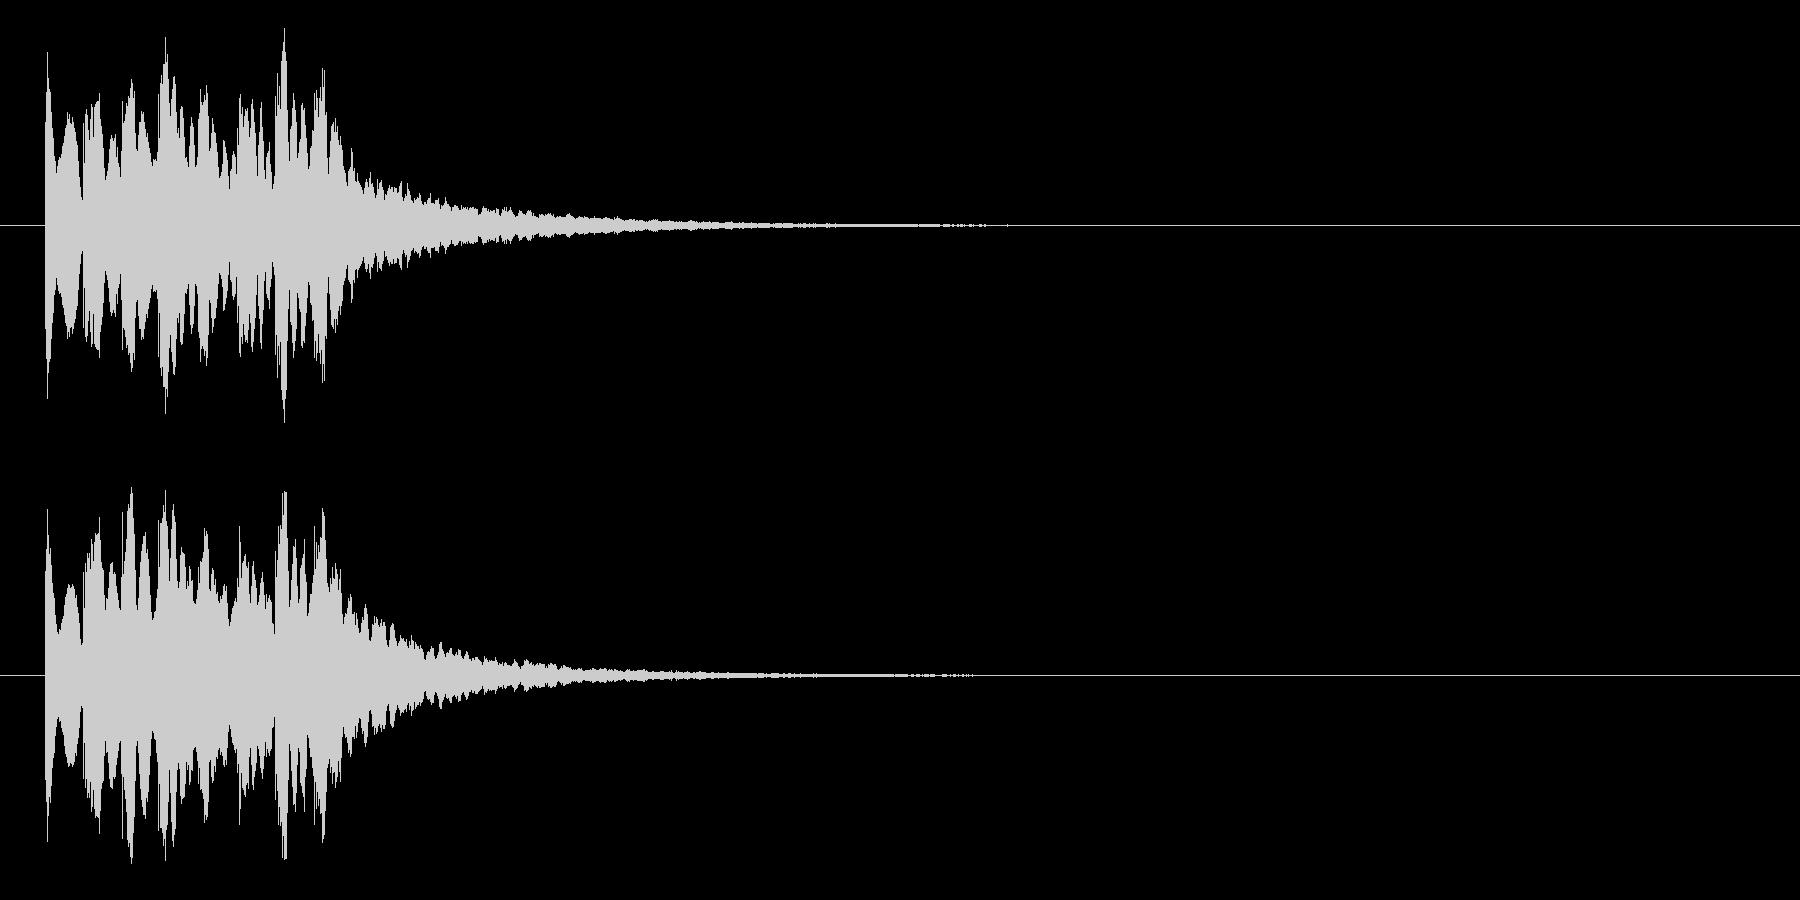 キラキラ系アイキャッチ3の未再生の波形